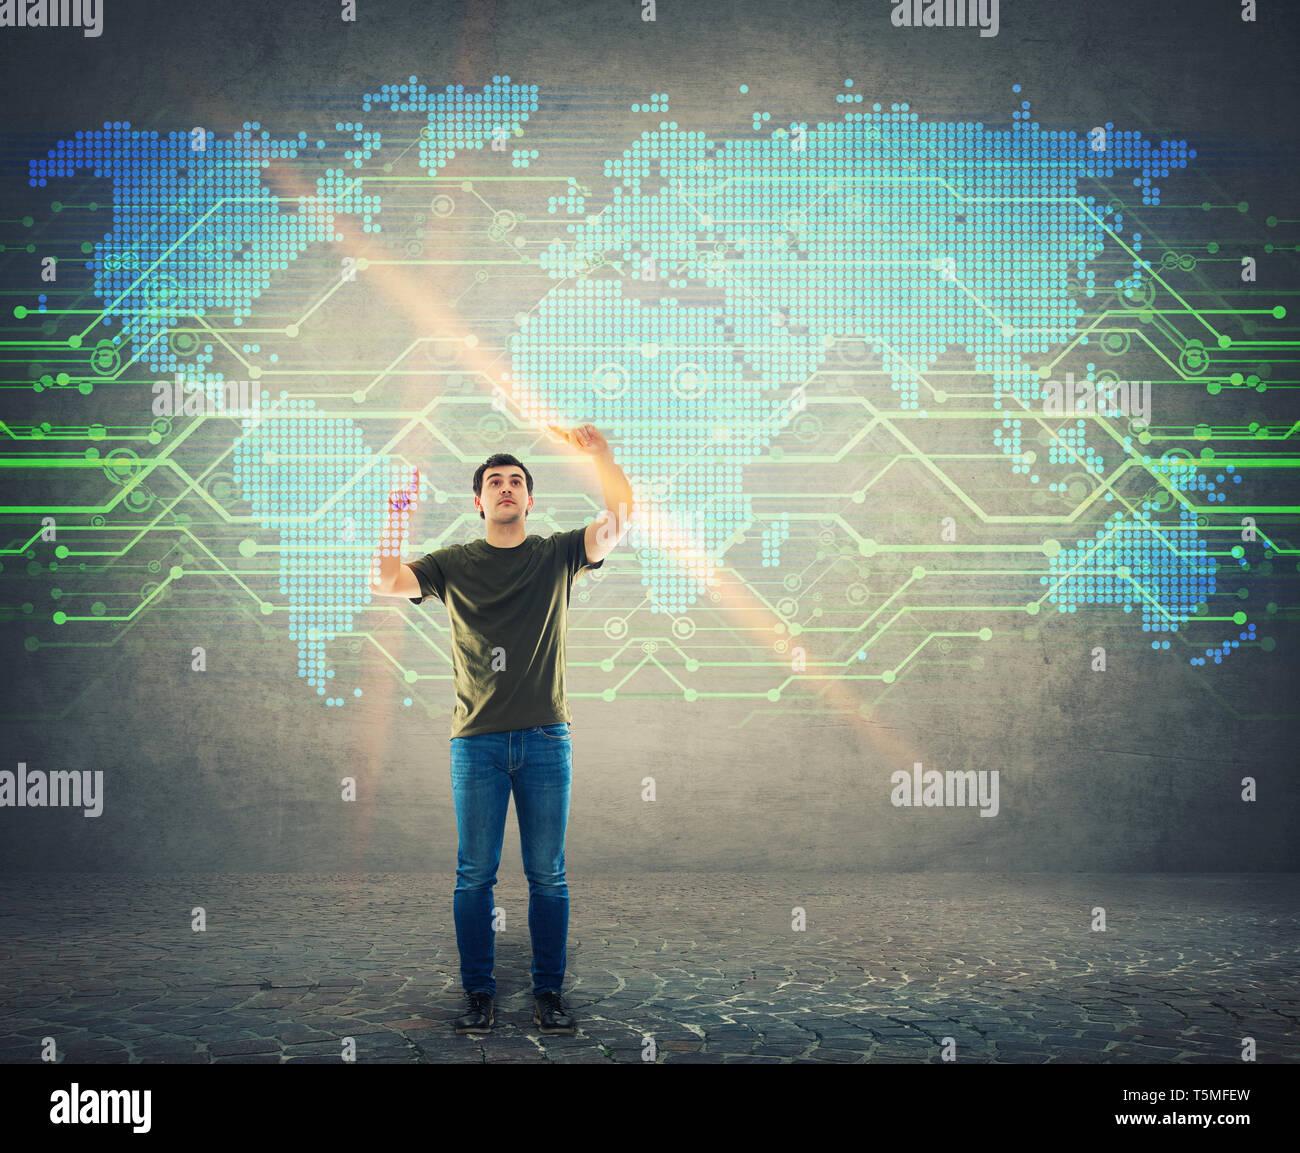 L'homme parcourt un écran numérique, à la recherche d'interface un point sur la carte du monde. Homme de toucher l'écran avec le choix d'un endroit sur le globe. Te d'affaires Banque D'Images